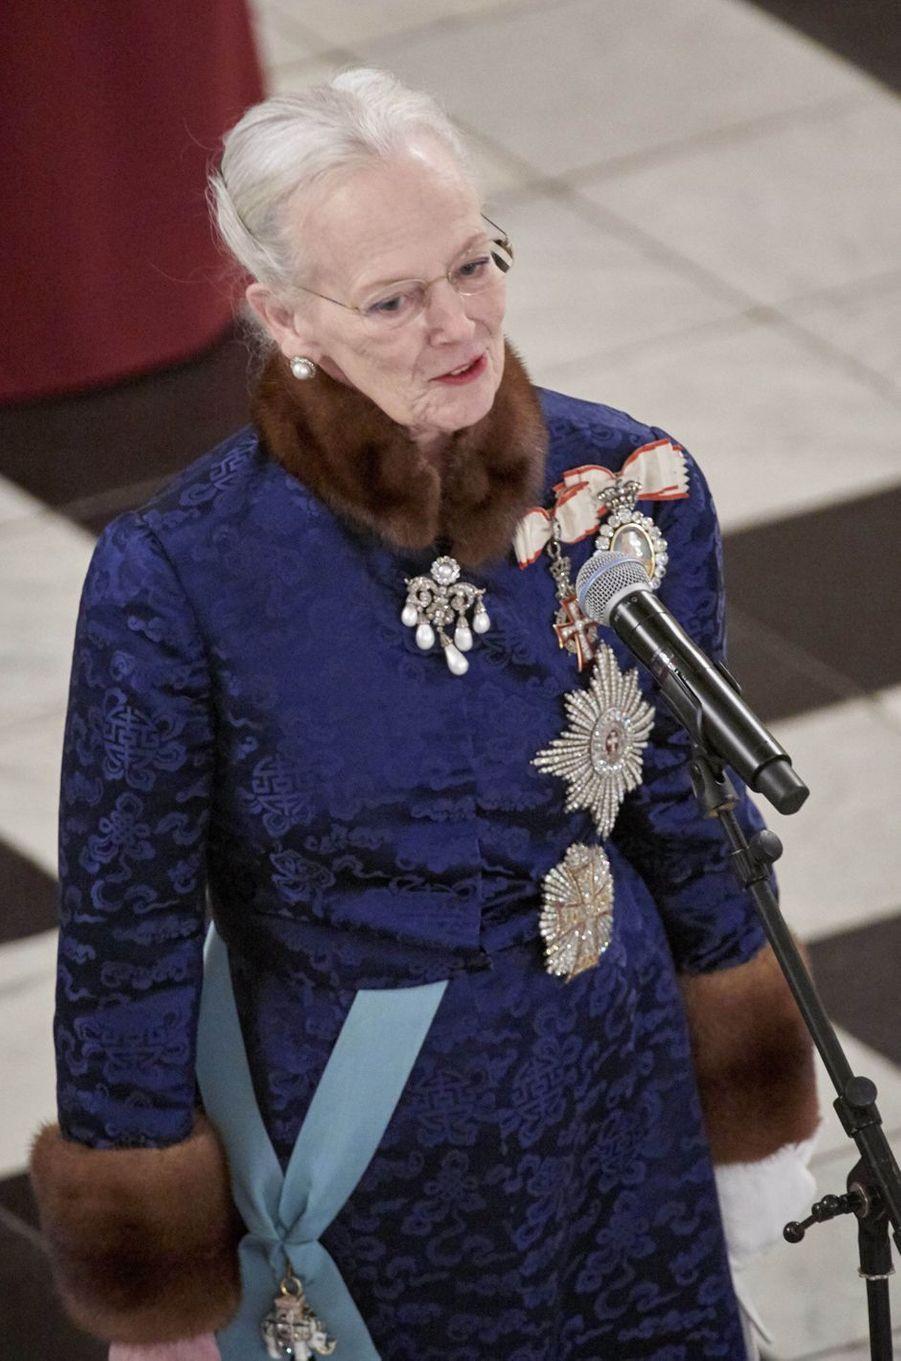 La reine Margrethe II de Danemark à Copenhague, le 3 janvier 2018